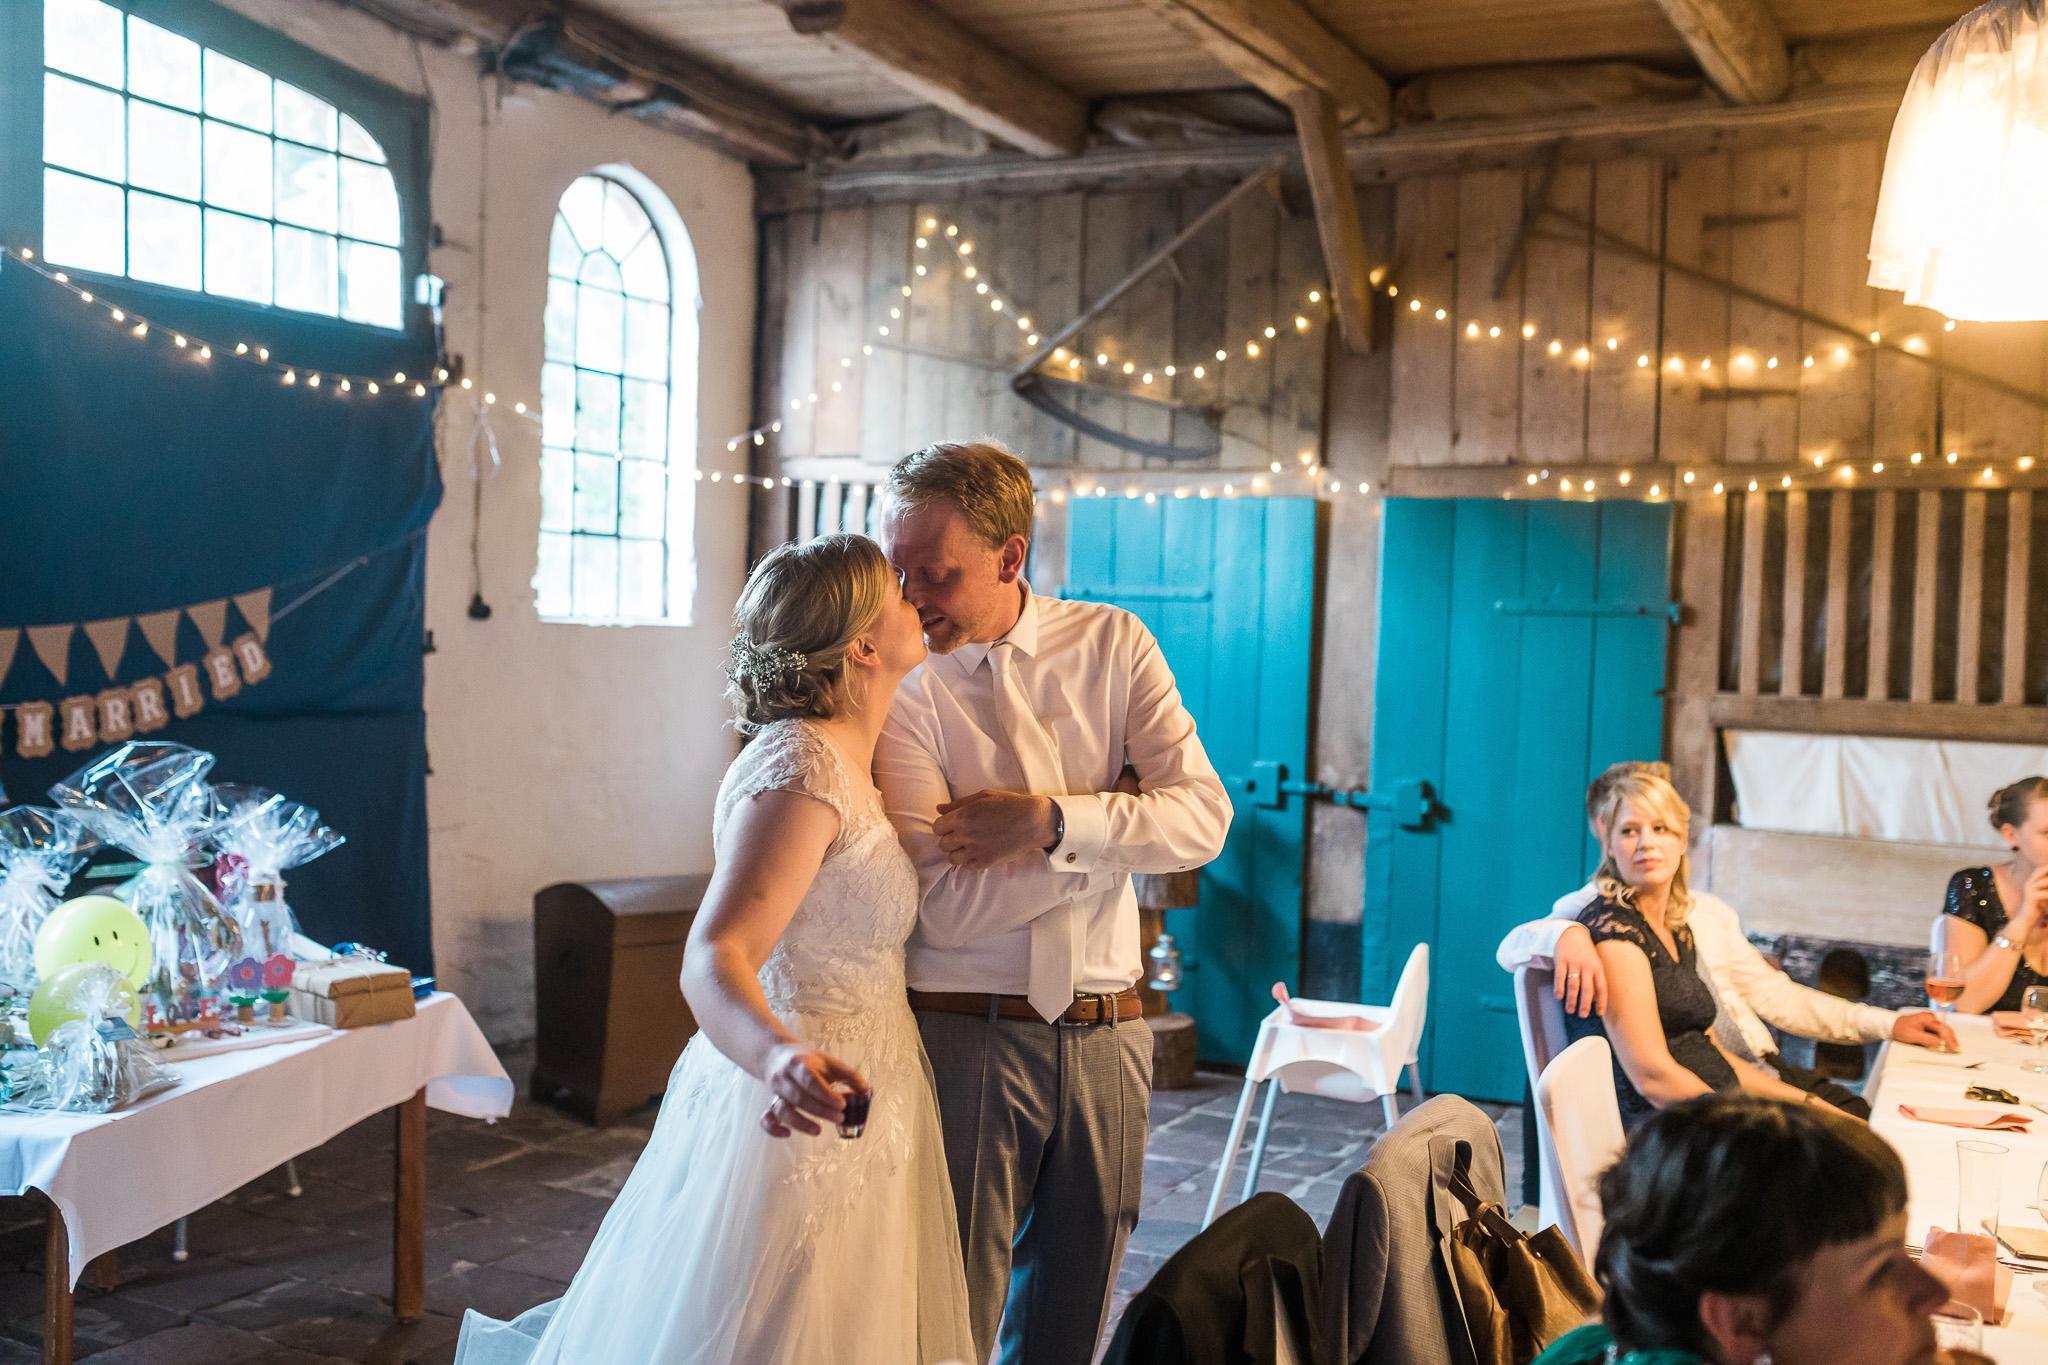 hochzeit-heiraten-in-hannover-hochzeitsfotograf-philipp-schroeder-donphilipe-14-1